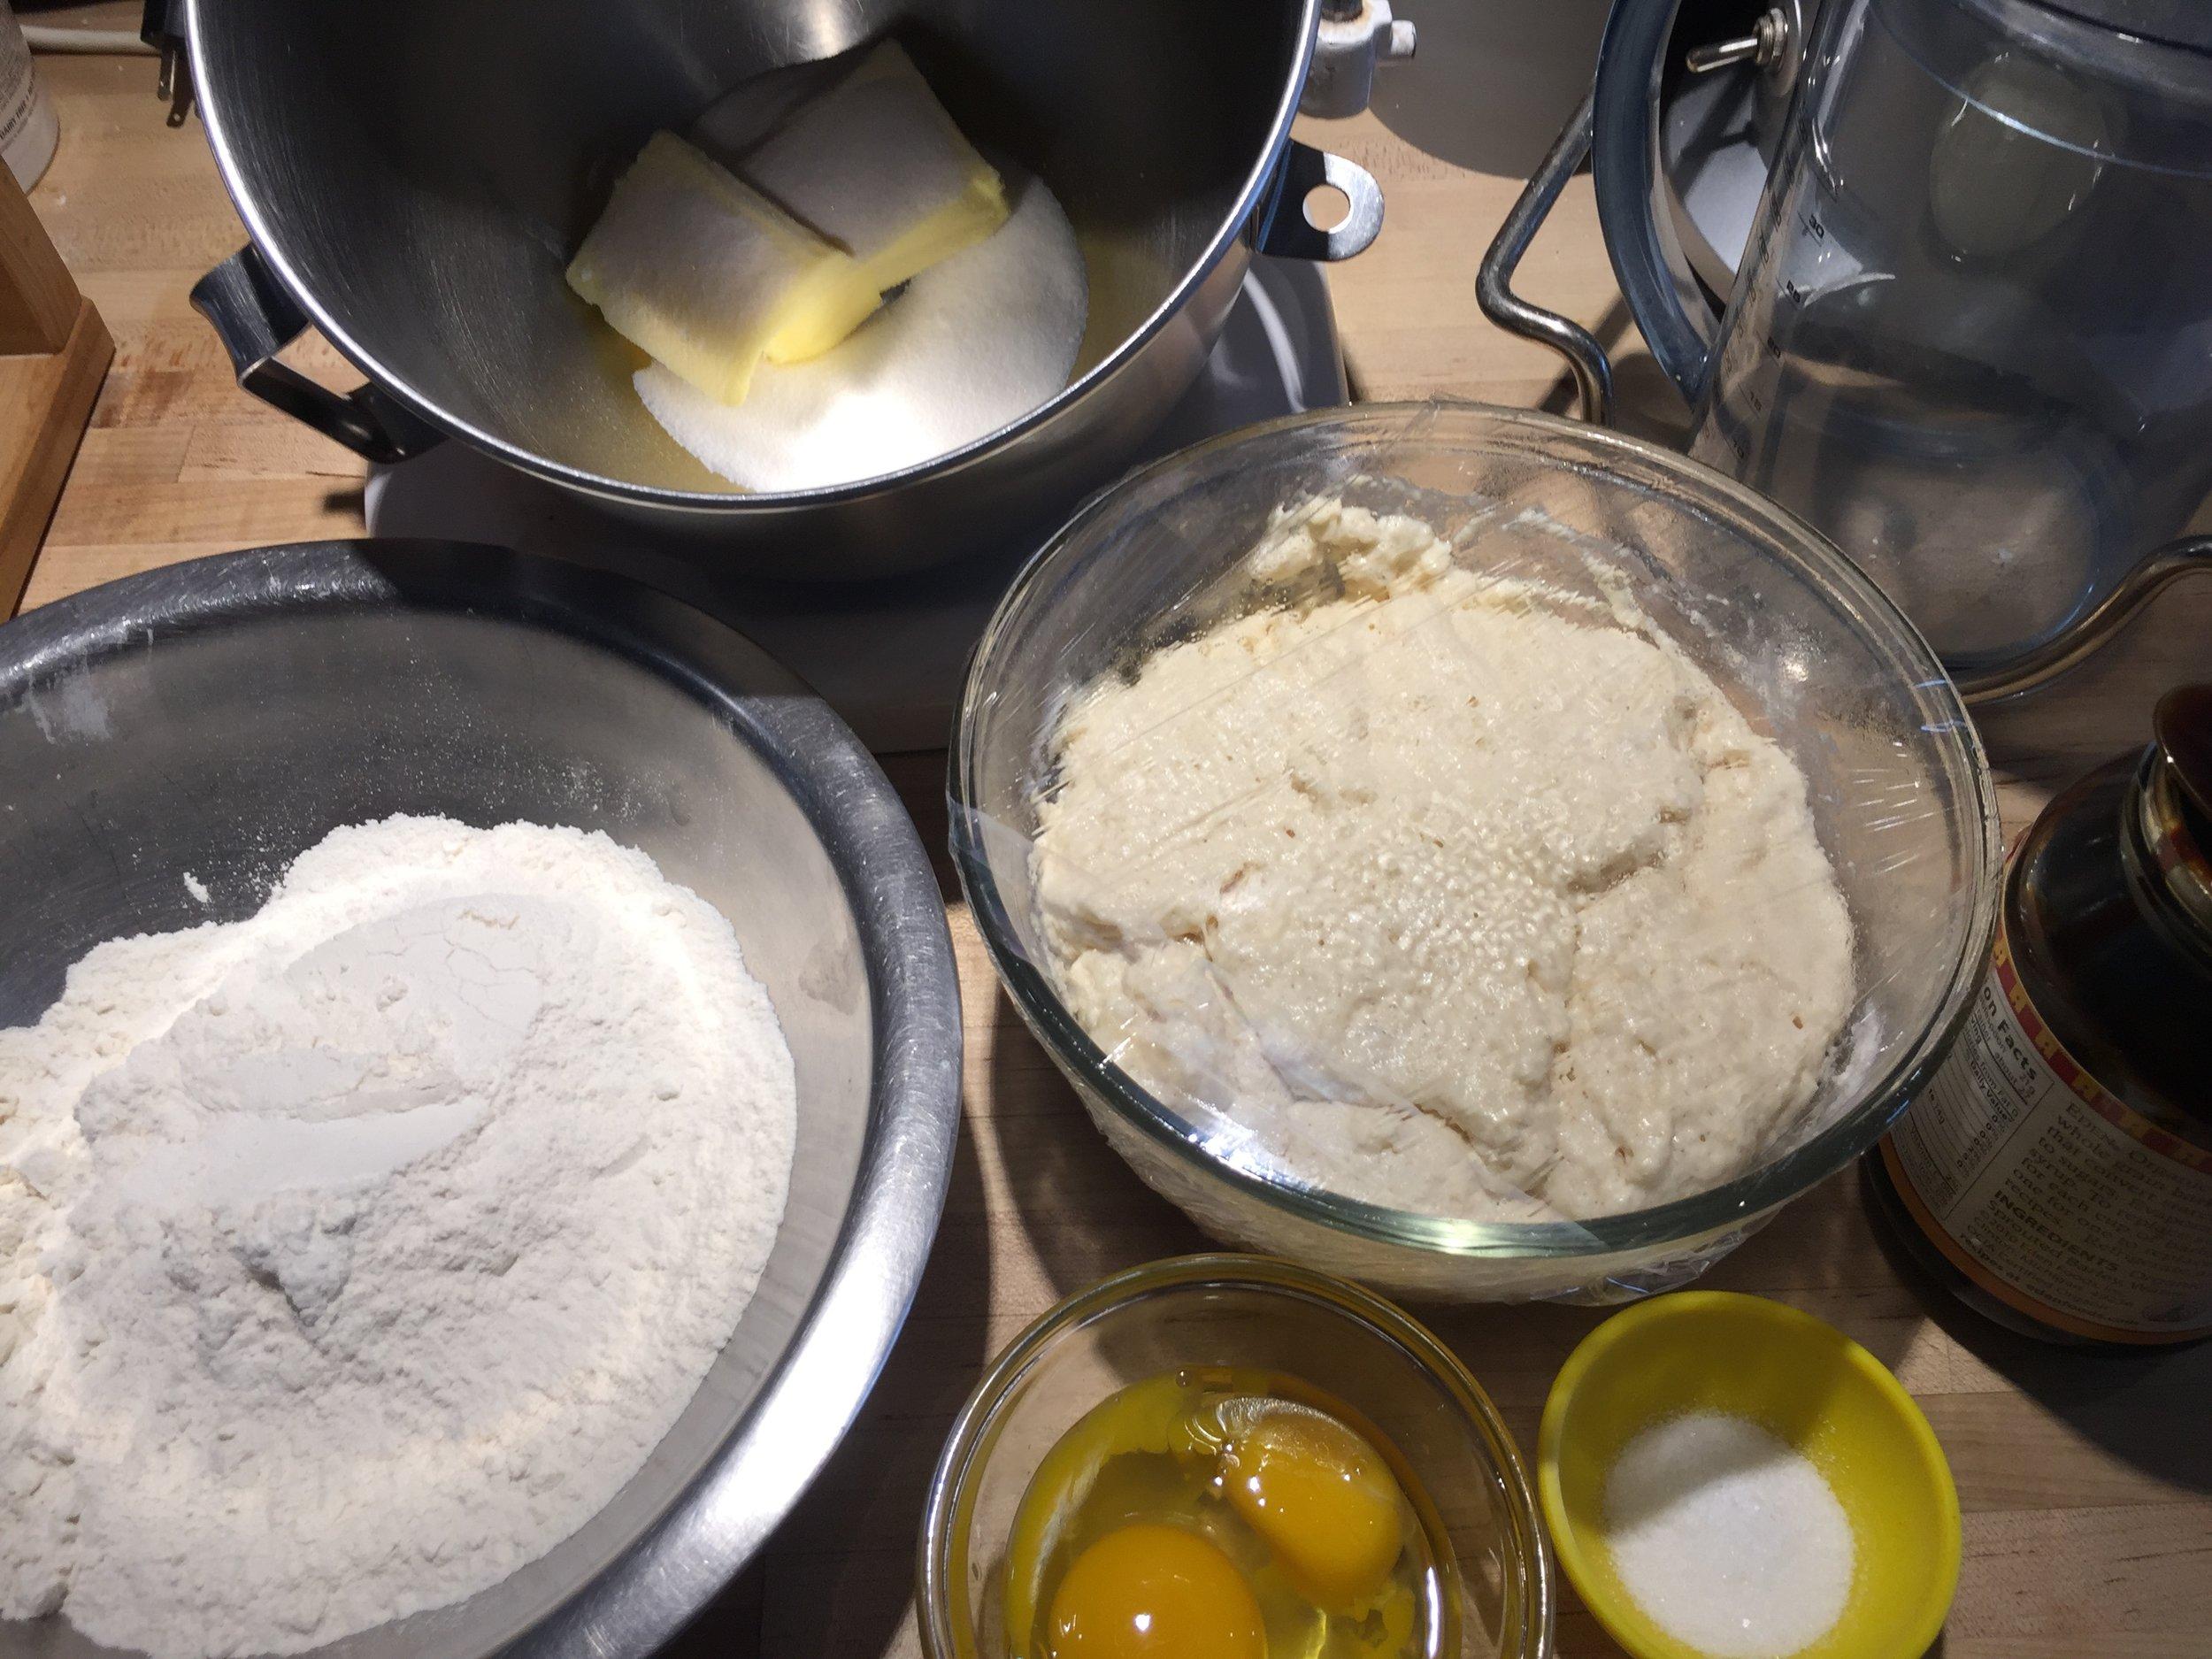 Brioche mise en place - note how high the sponge has risen